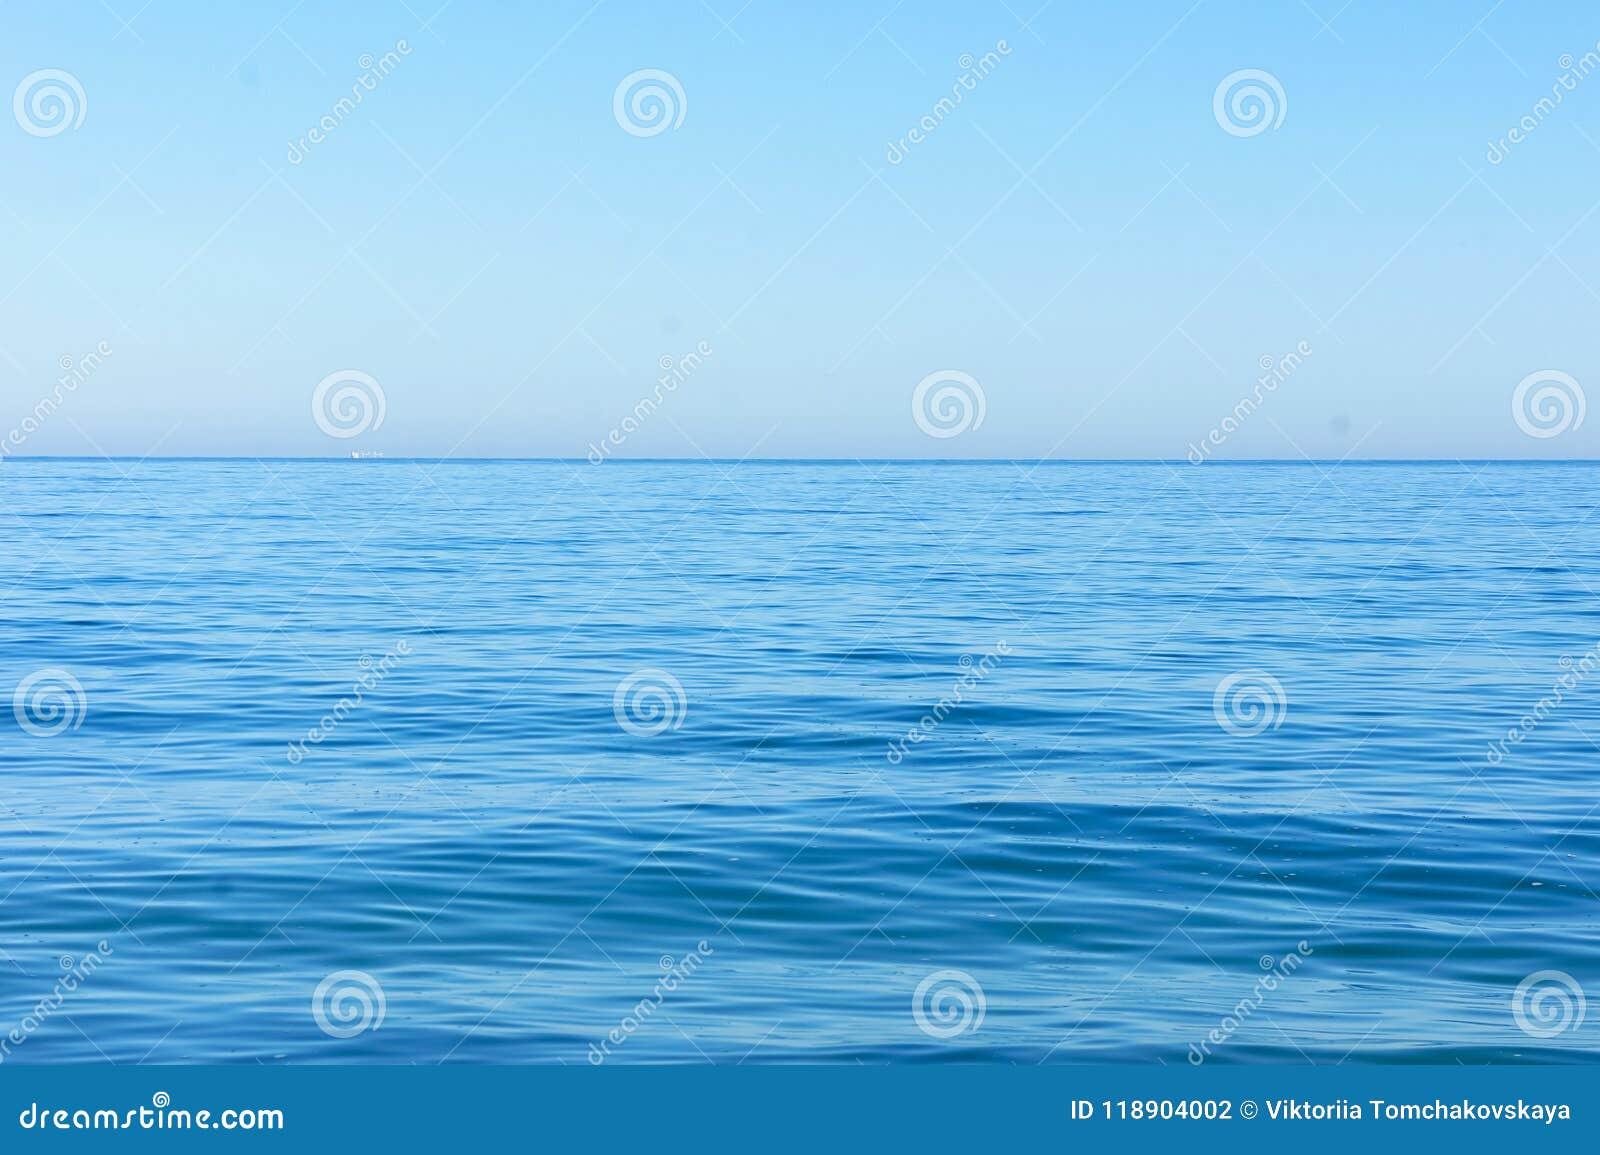 Horizont des blauen Meeres